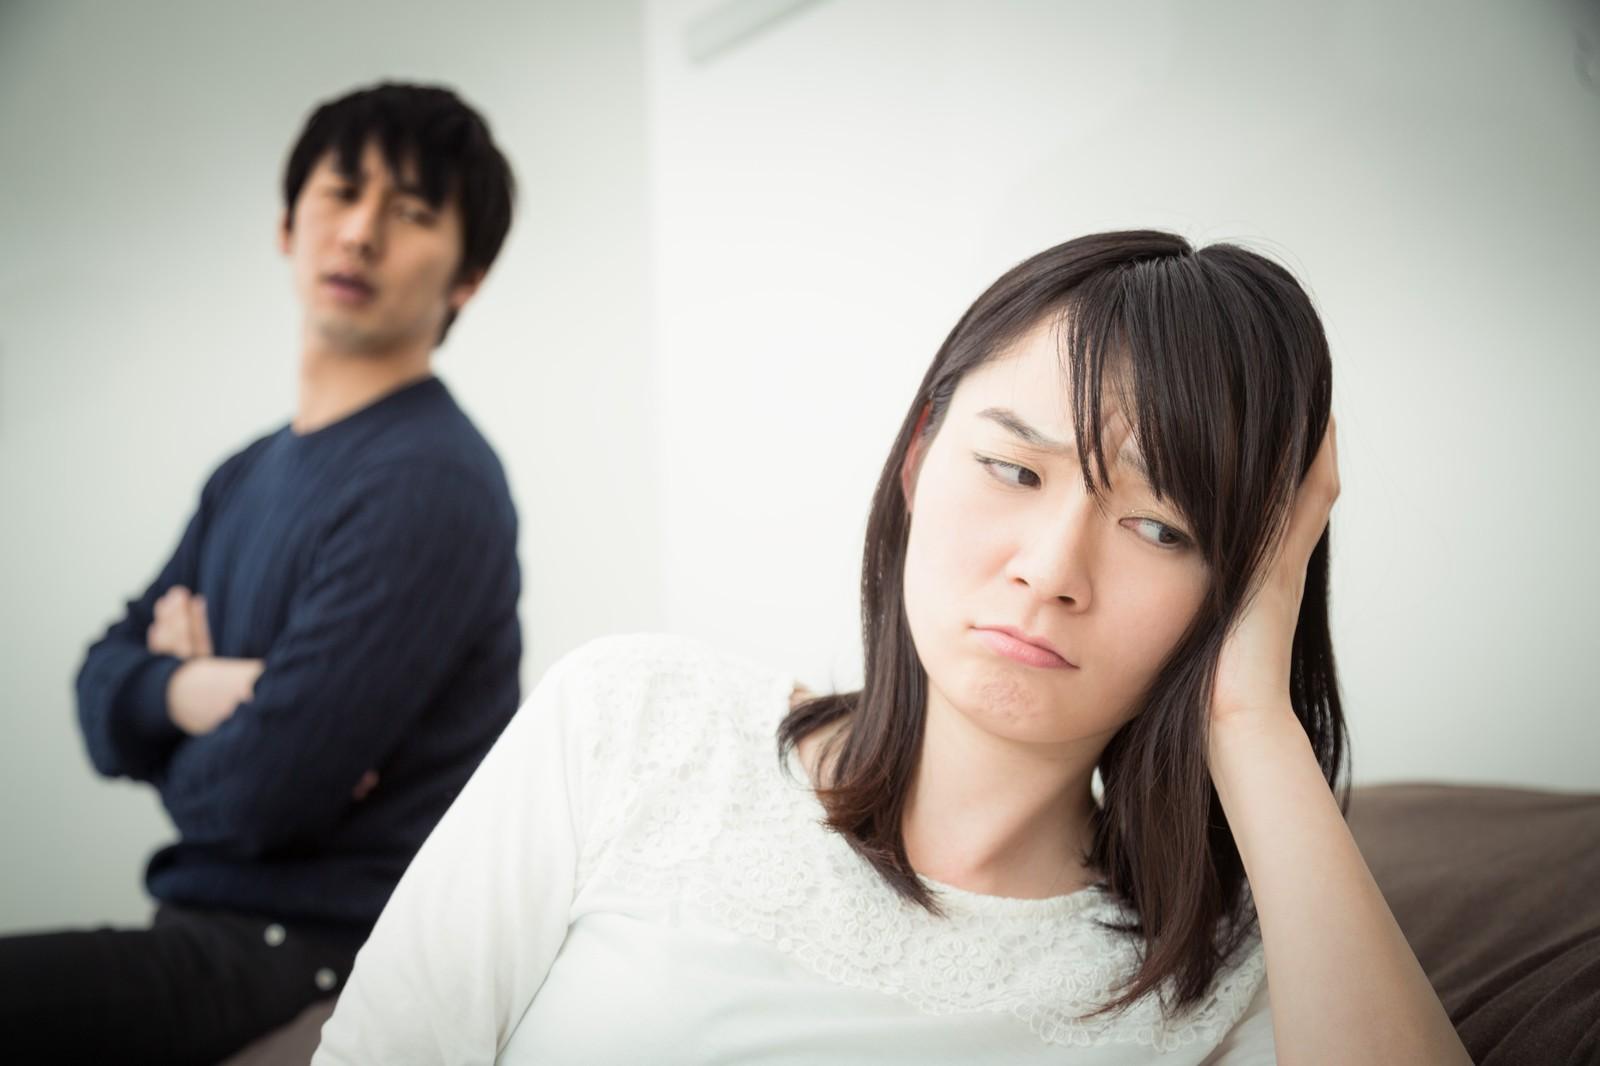 「何も話さなくても妻は分かってくれている」は、DV加害者になってしまう危険サイン!?